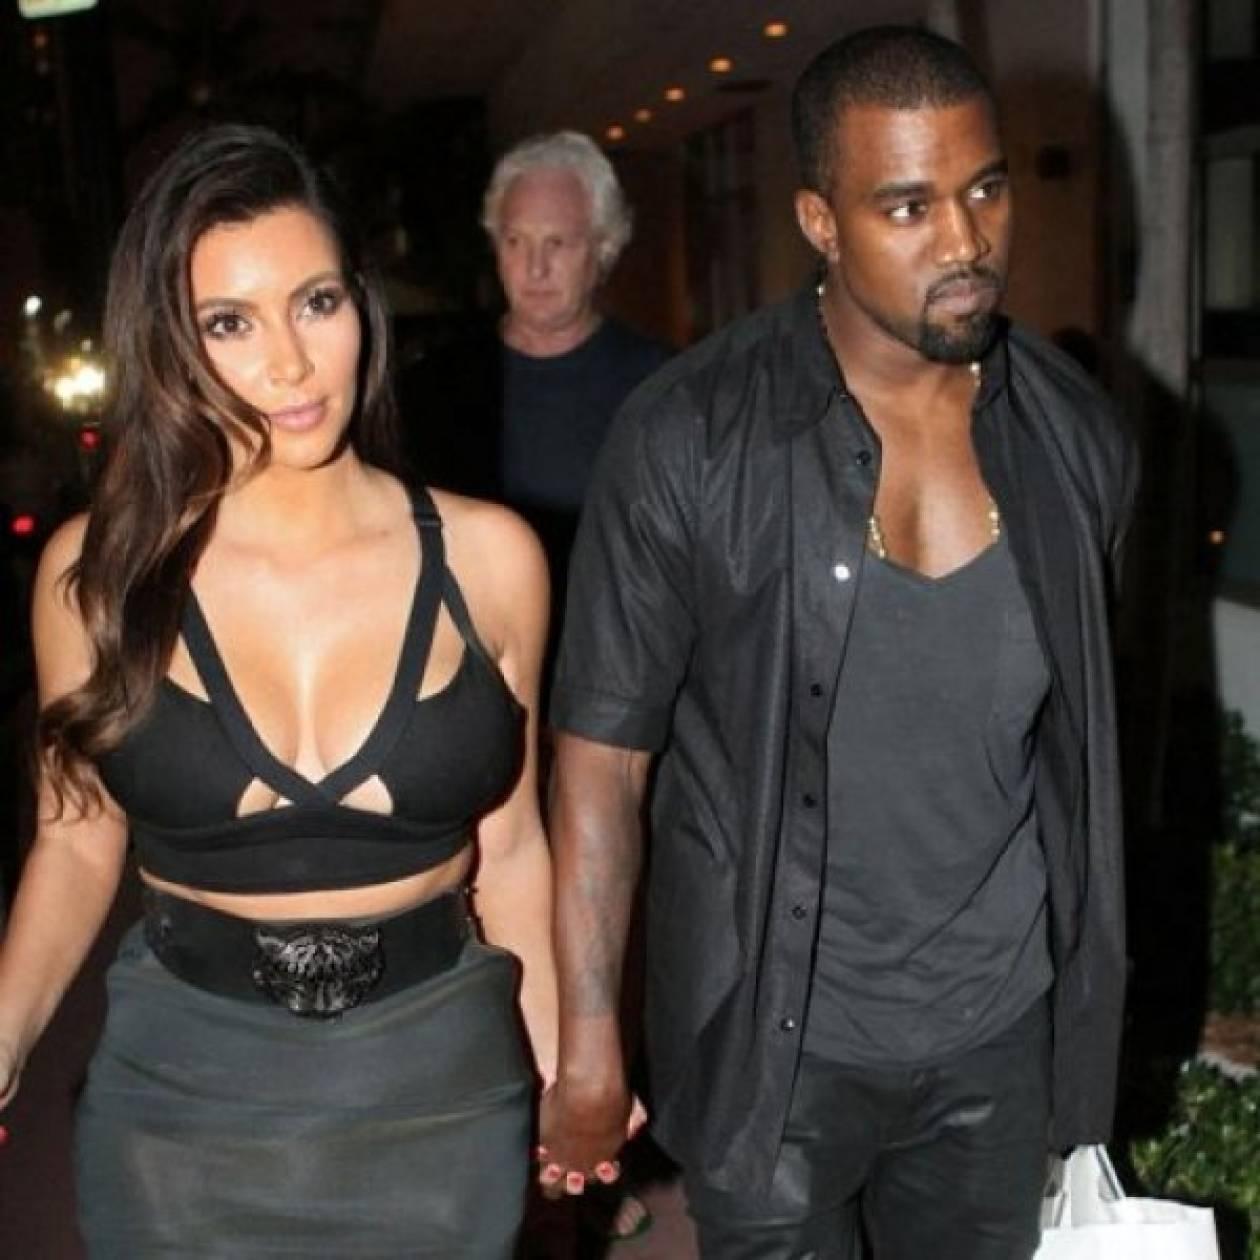 Τι δώρο έκανε ο Kanye στην Kim για τον Άγιο Βαλεντίνο;